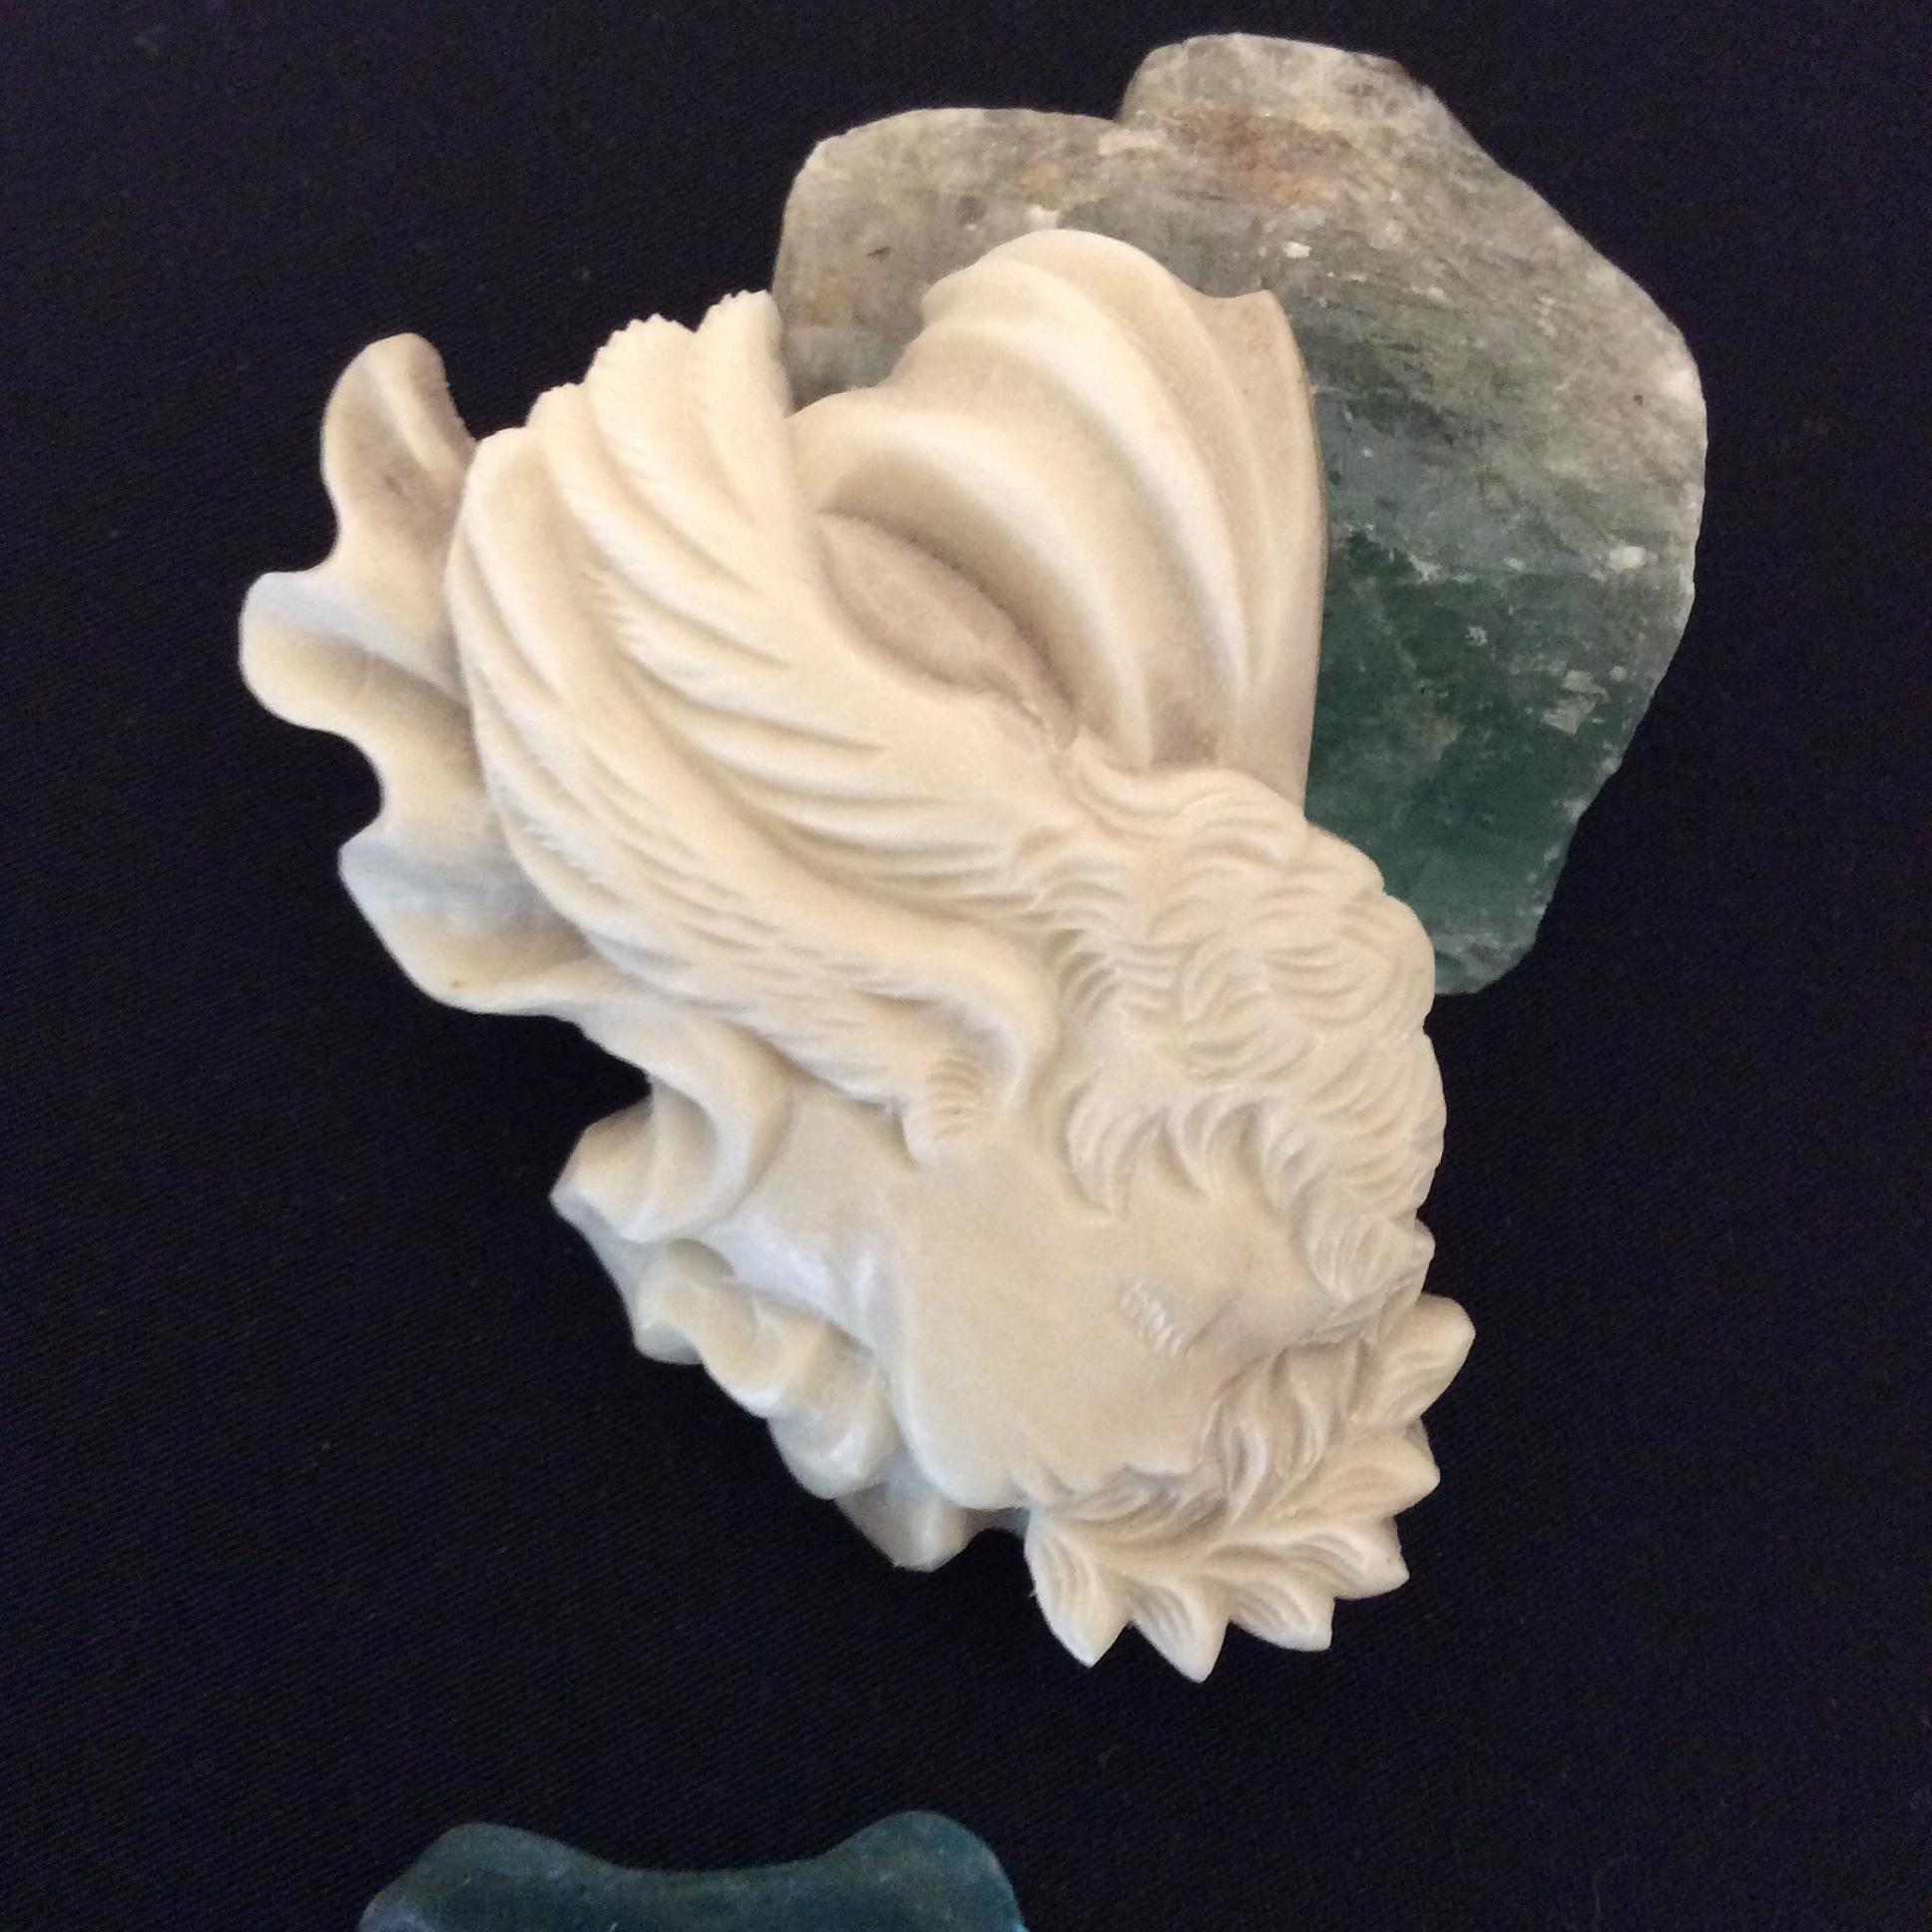 鹿骨彫刻のブローチ「sprite」 シルフ